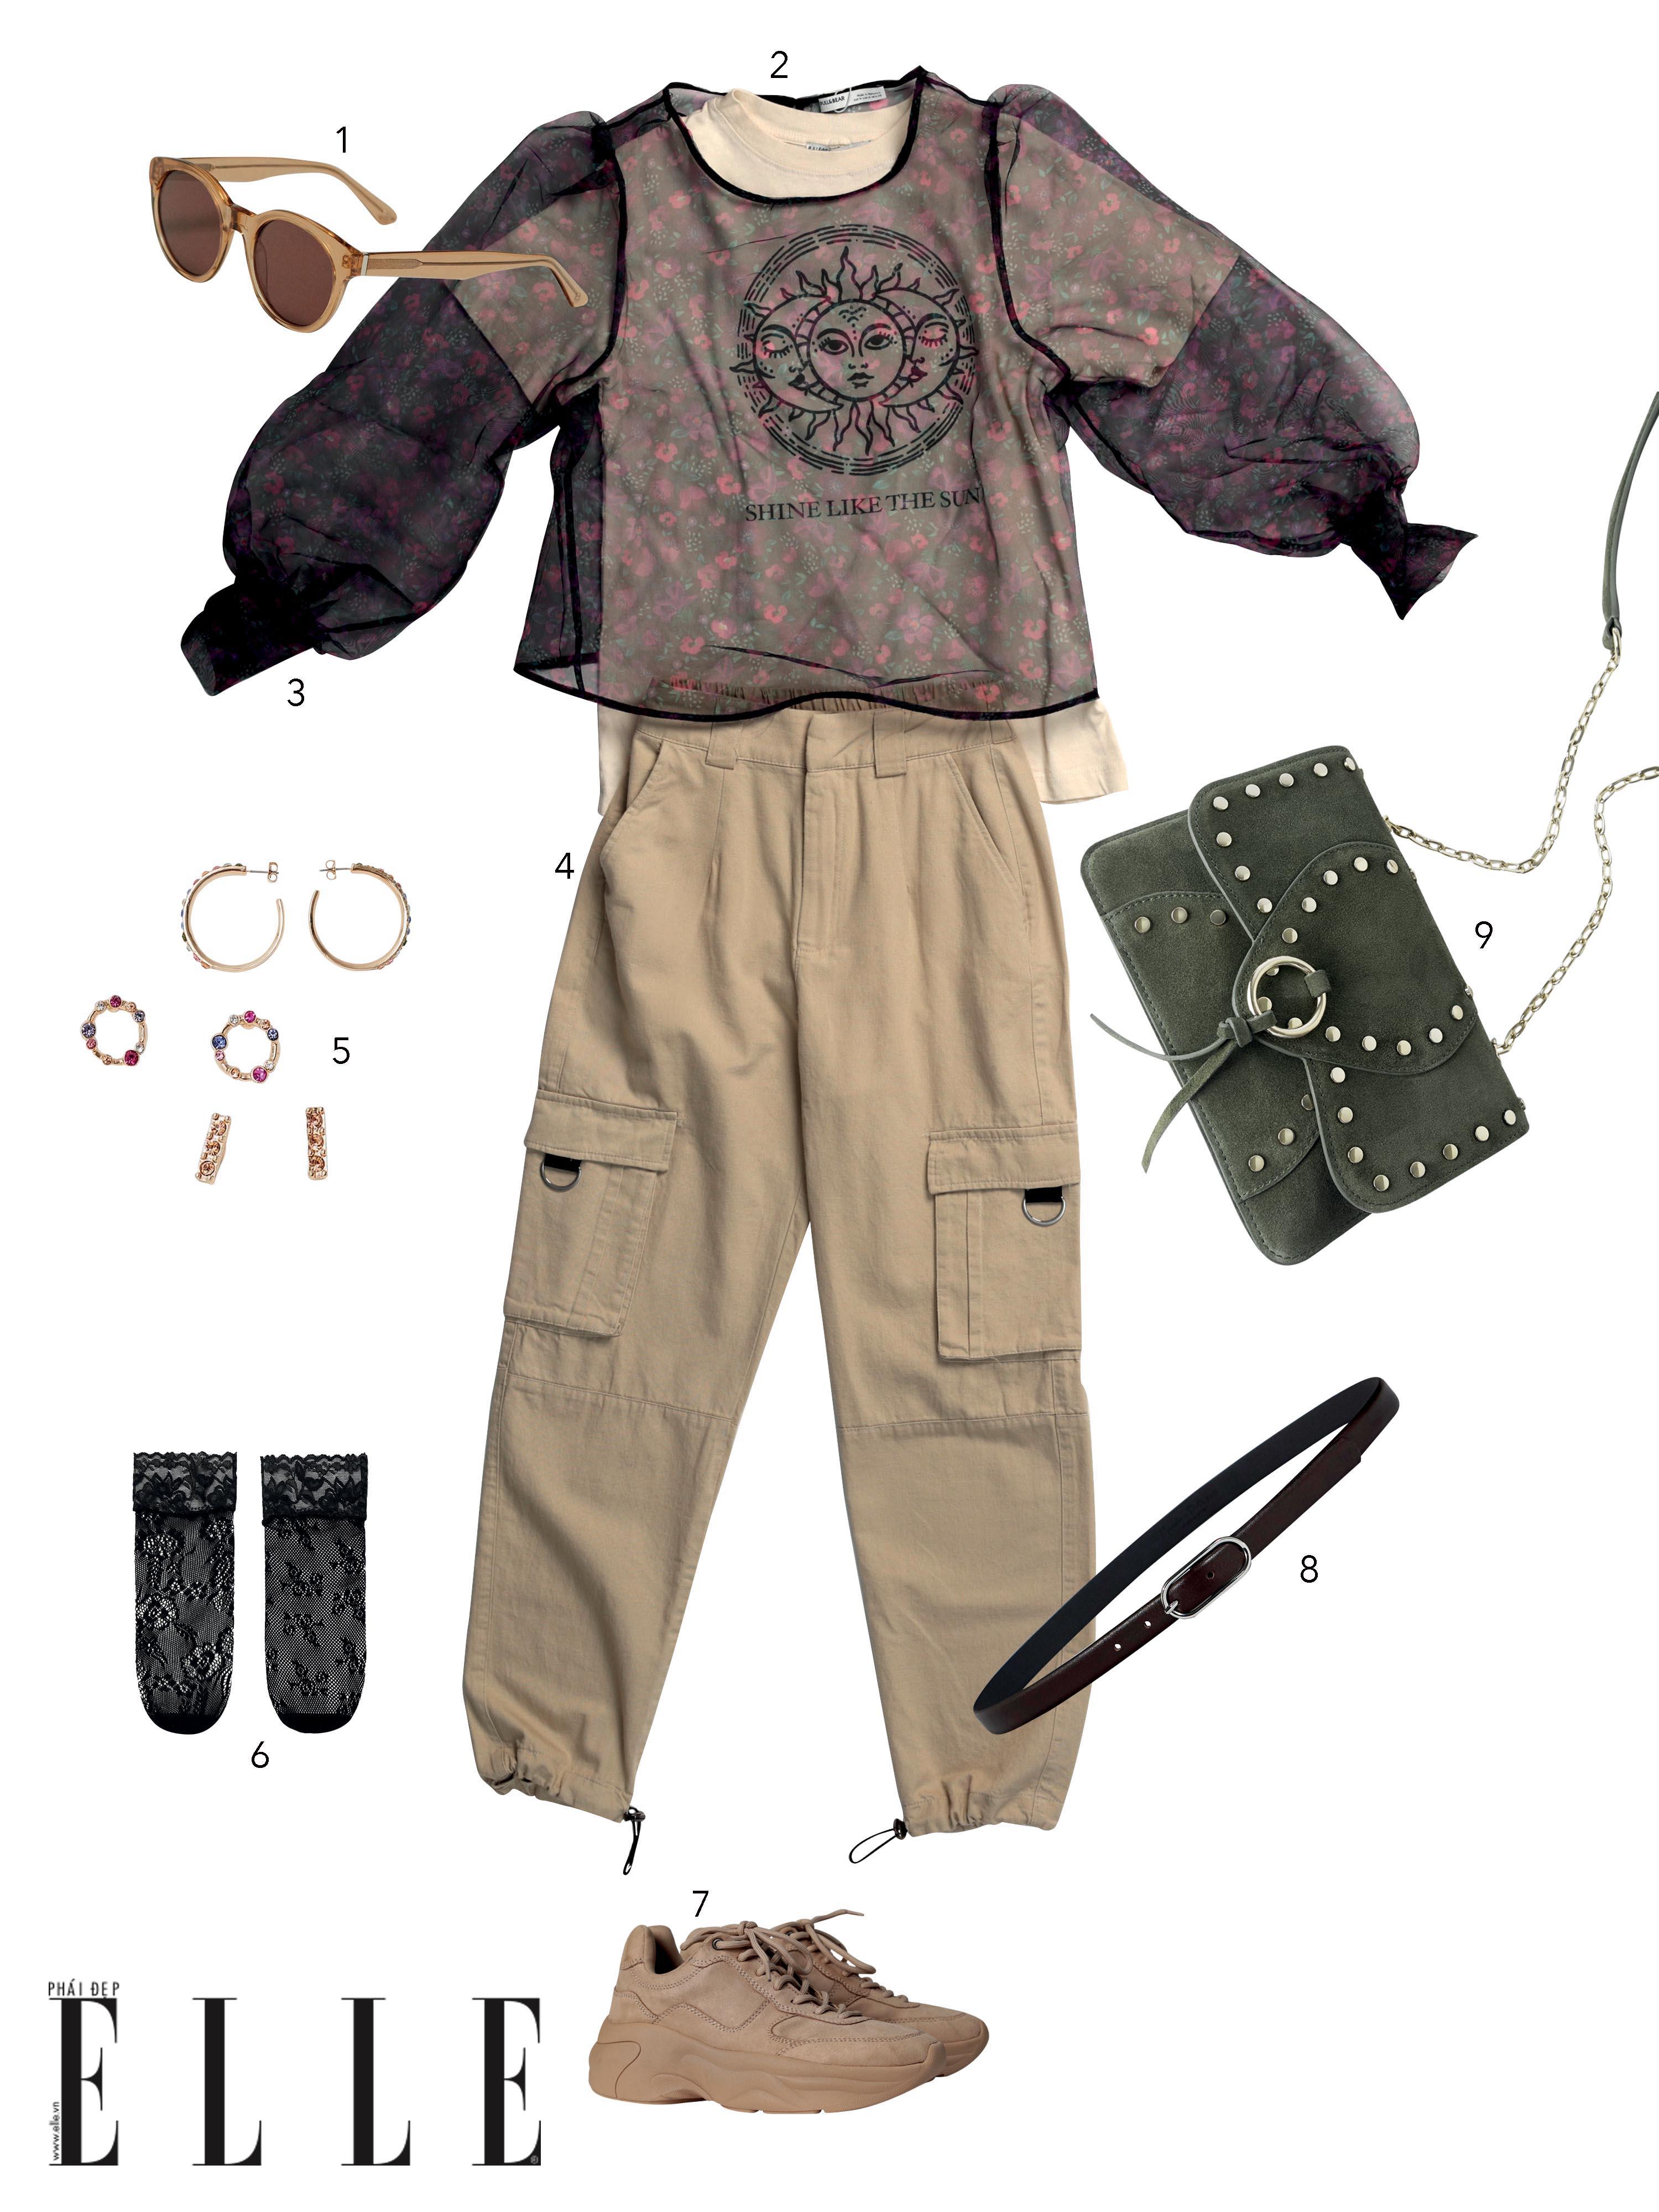 phong cách preppy với áo tay phồng kết hợp cùng phụ kiện kim loại